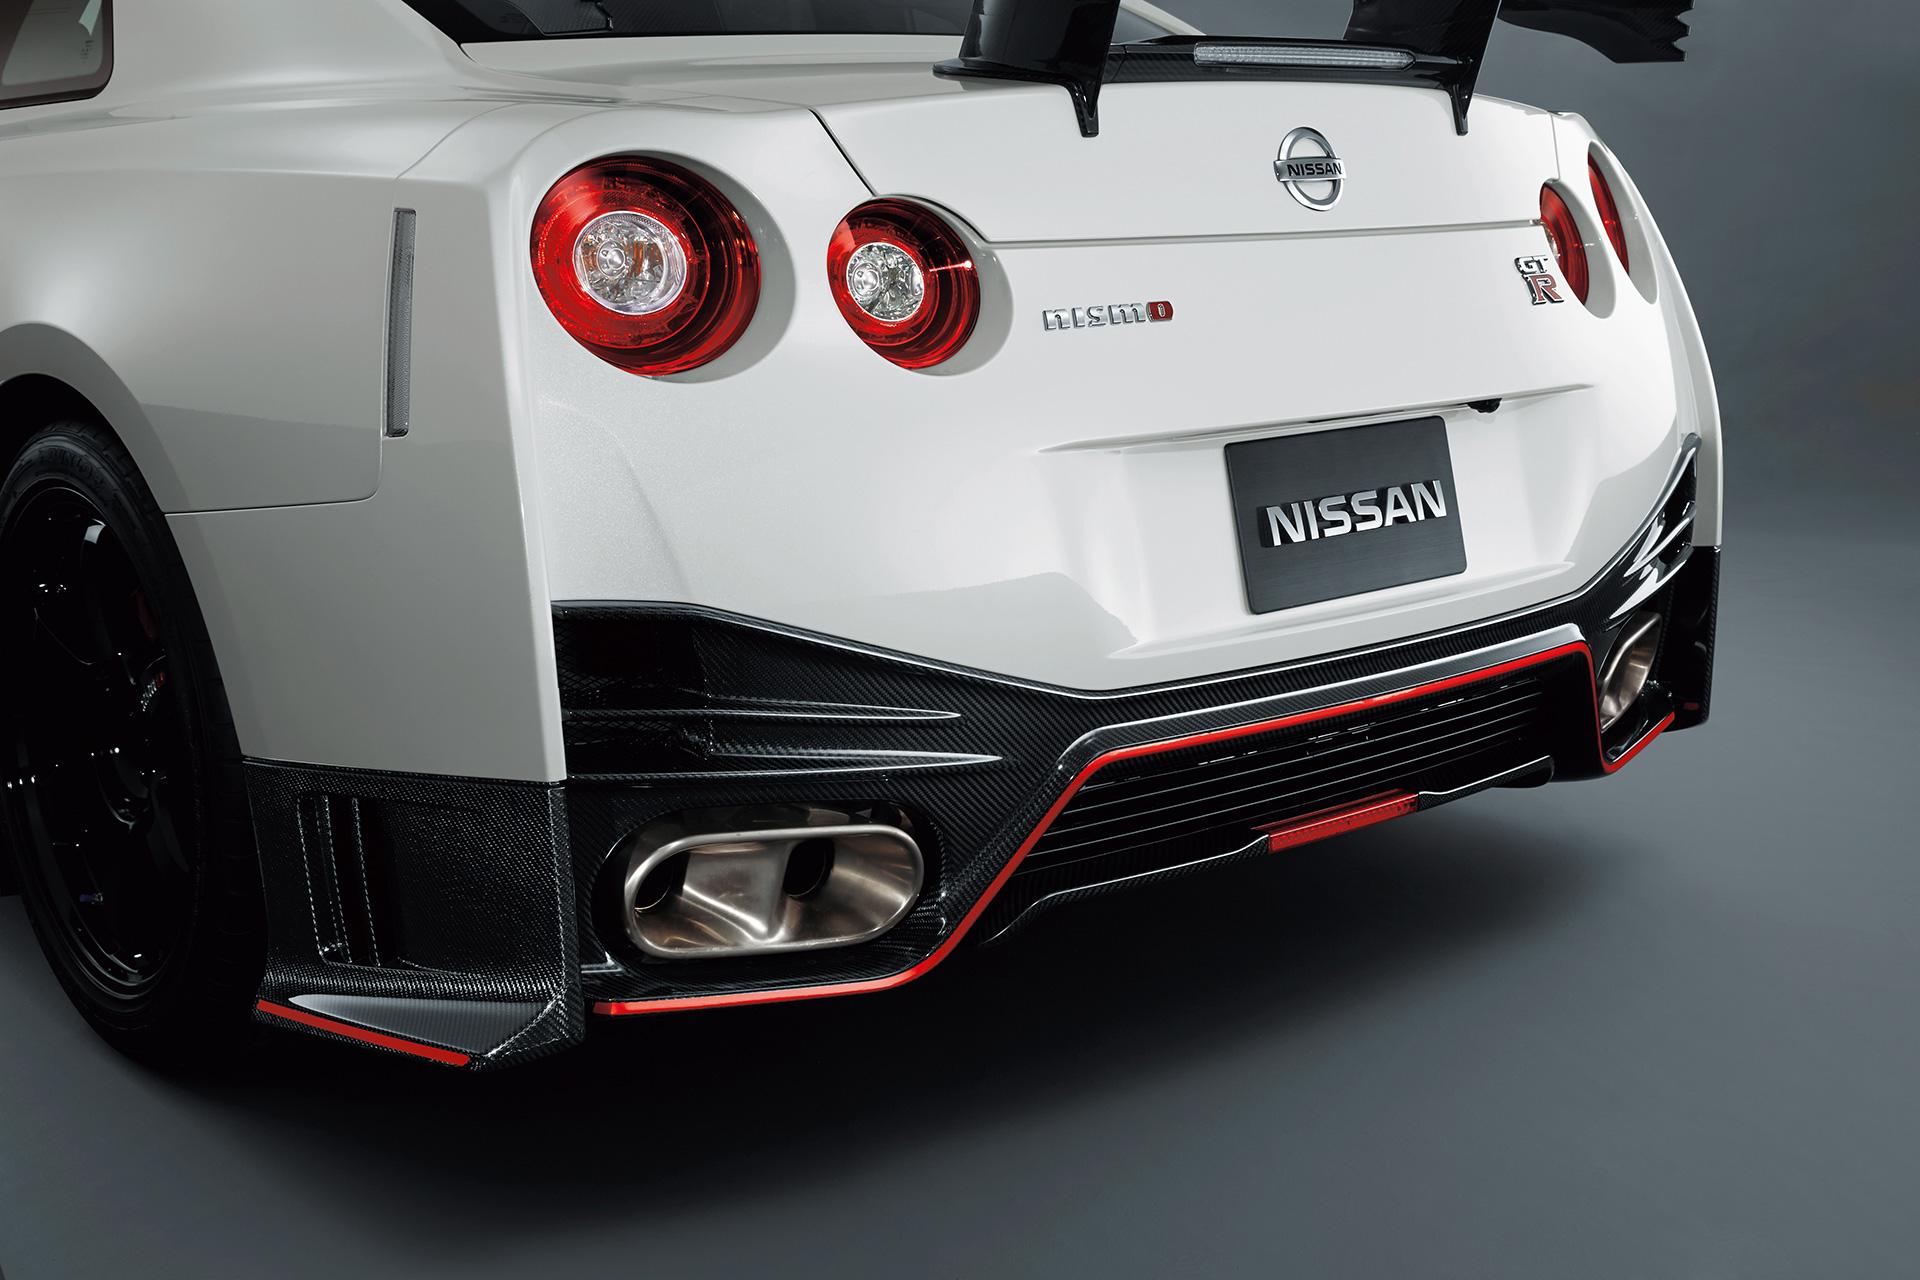 Nissan GT-R NISMO 2015 - profil arrière / rear side-face